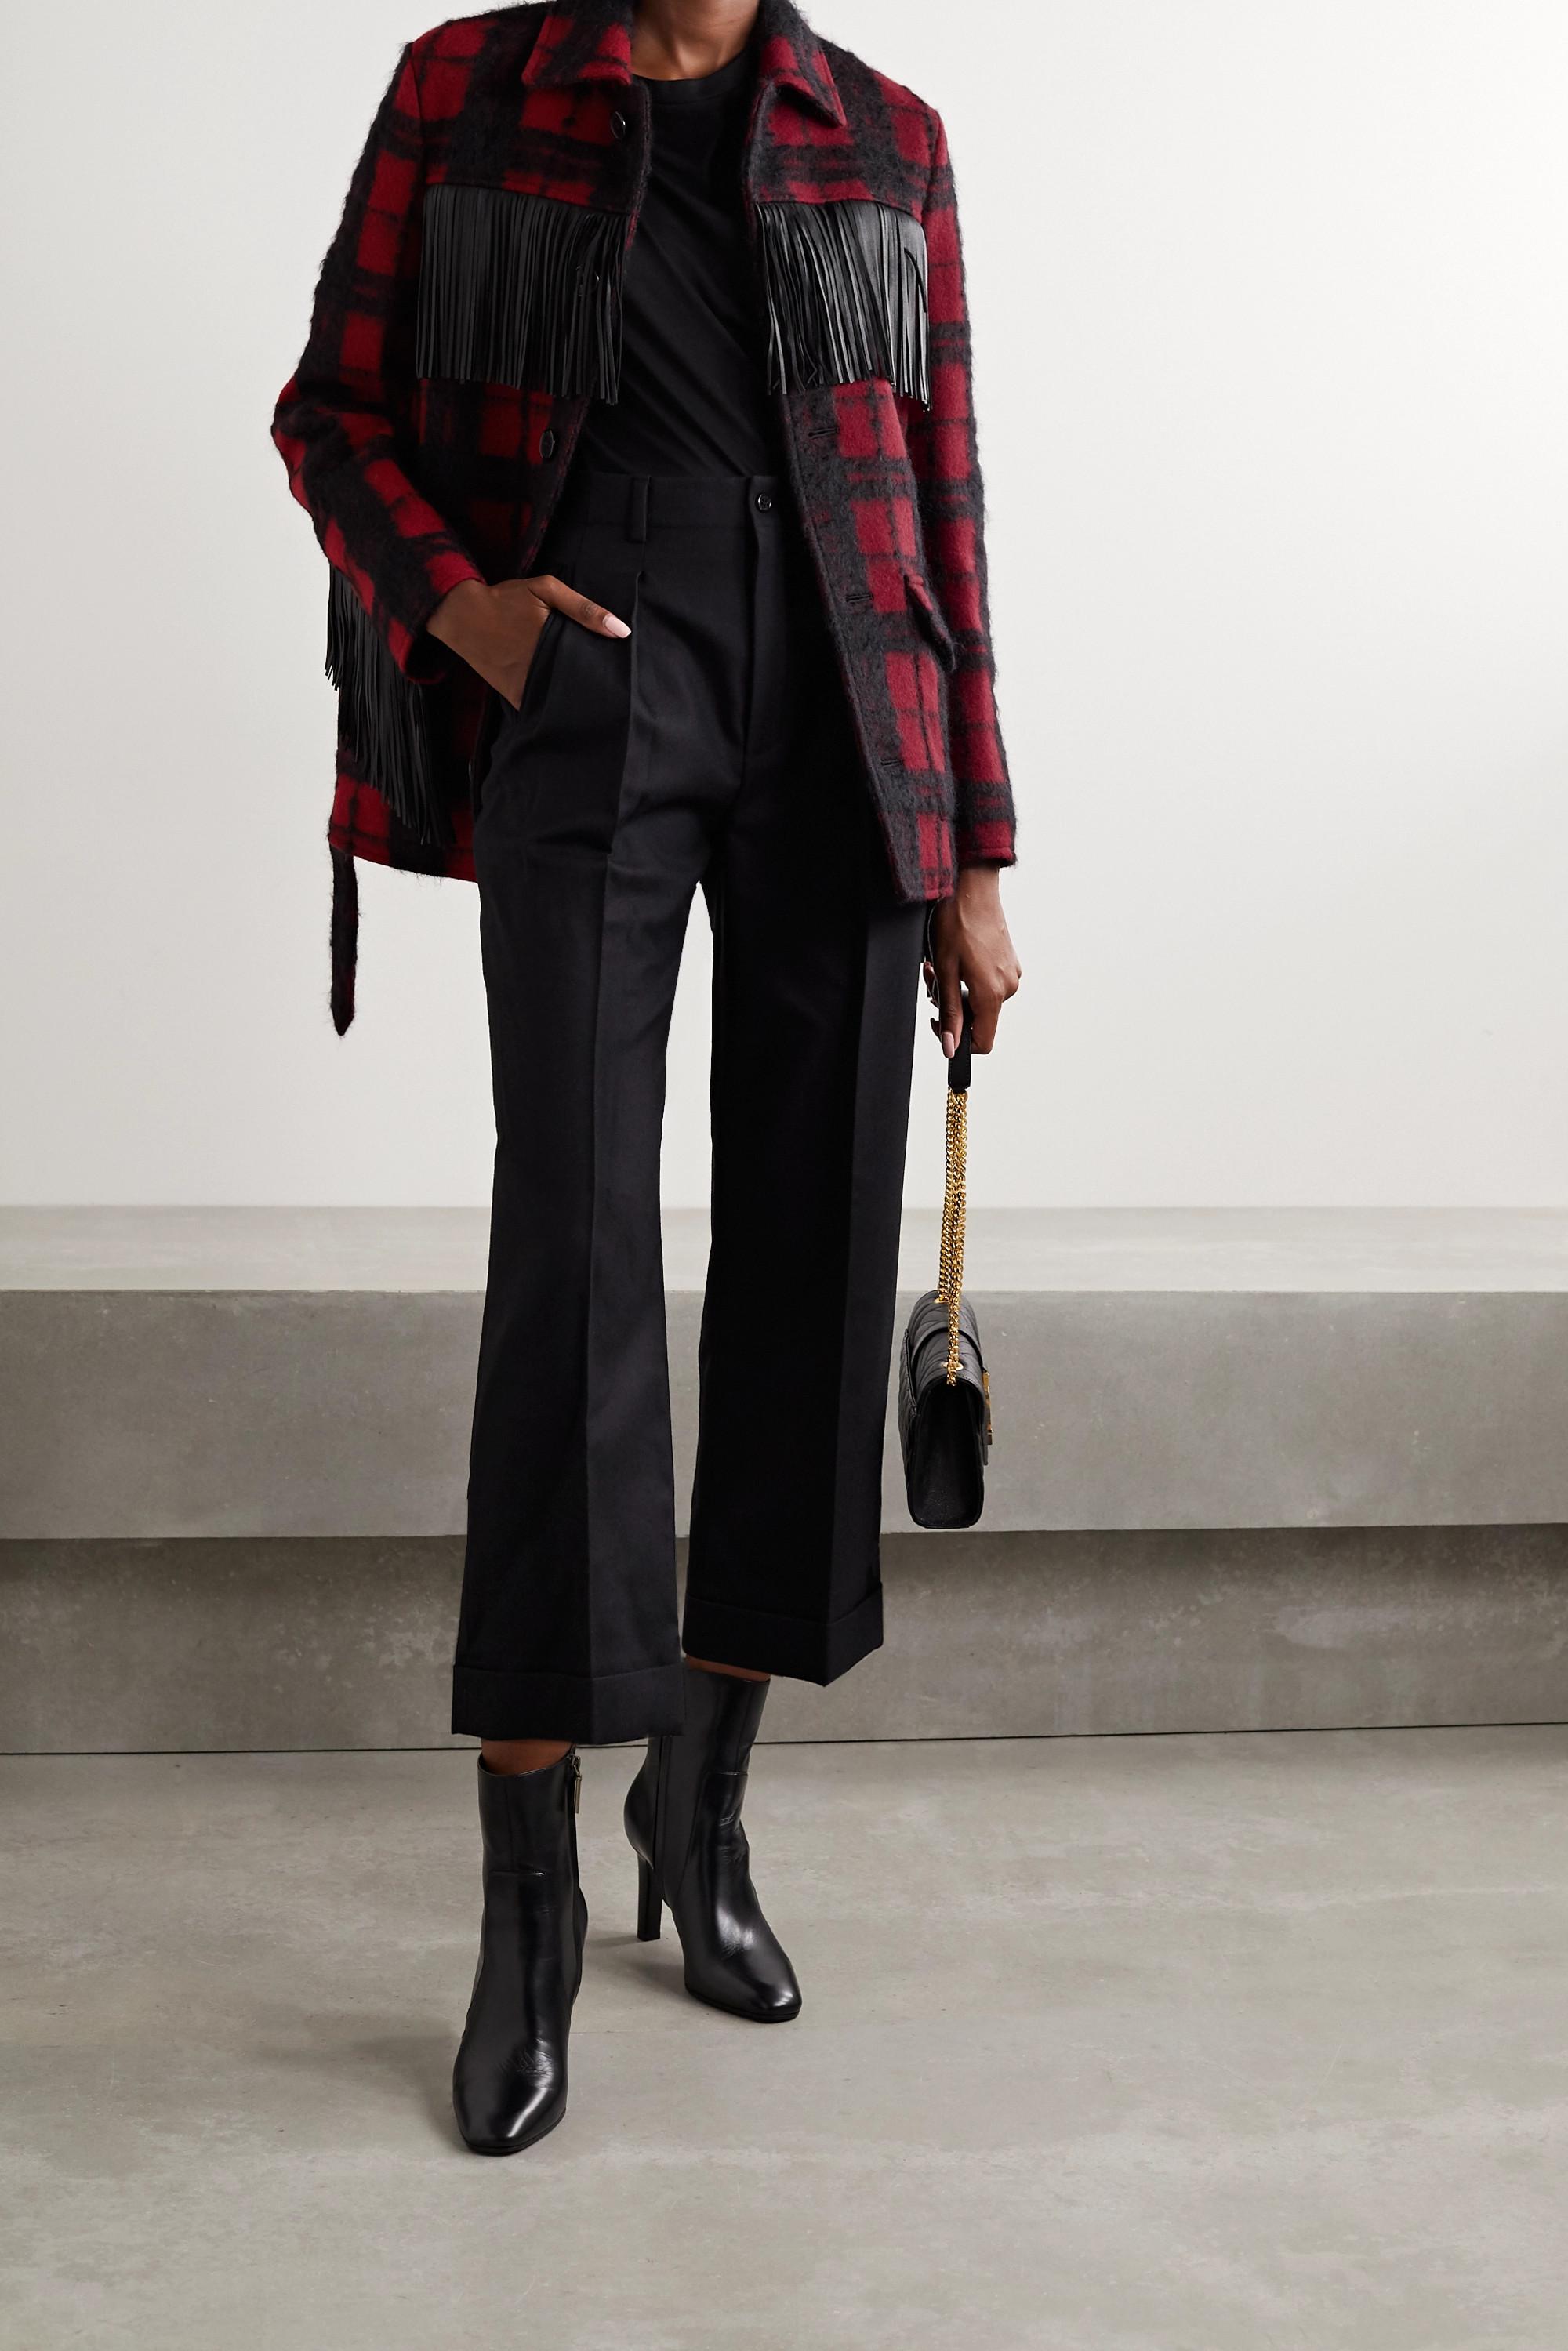 SAINT LAURENT 配腰带流苏皮革边饰格纹羊毛混纺夹克